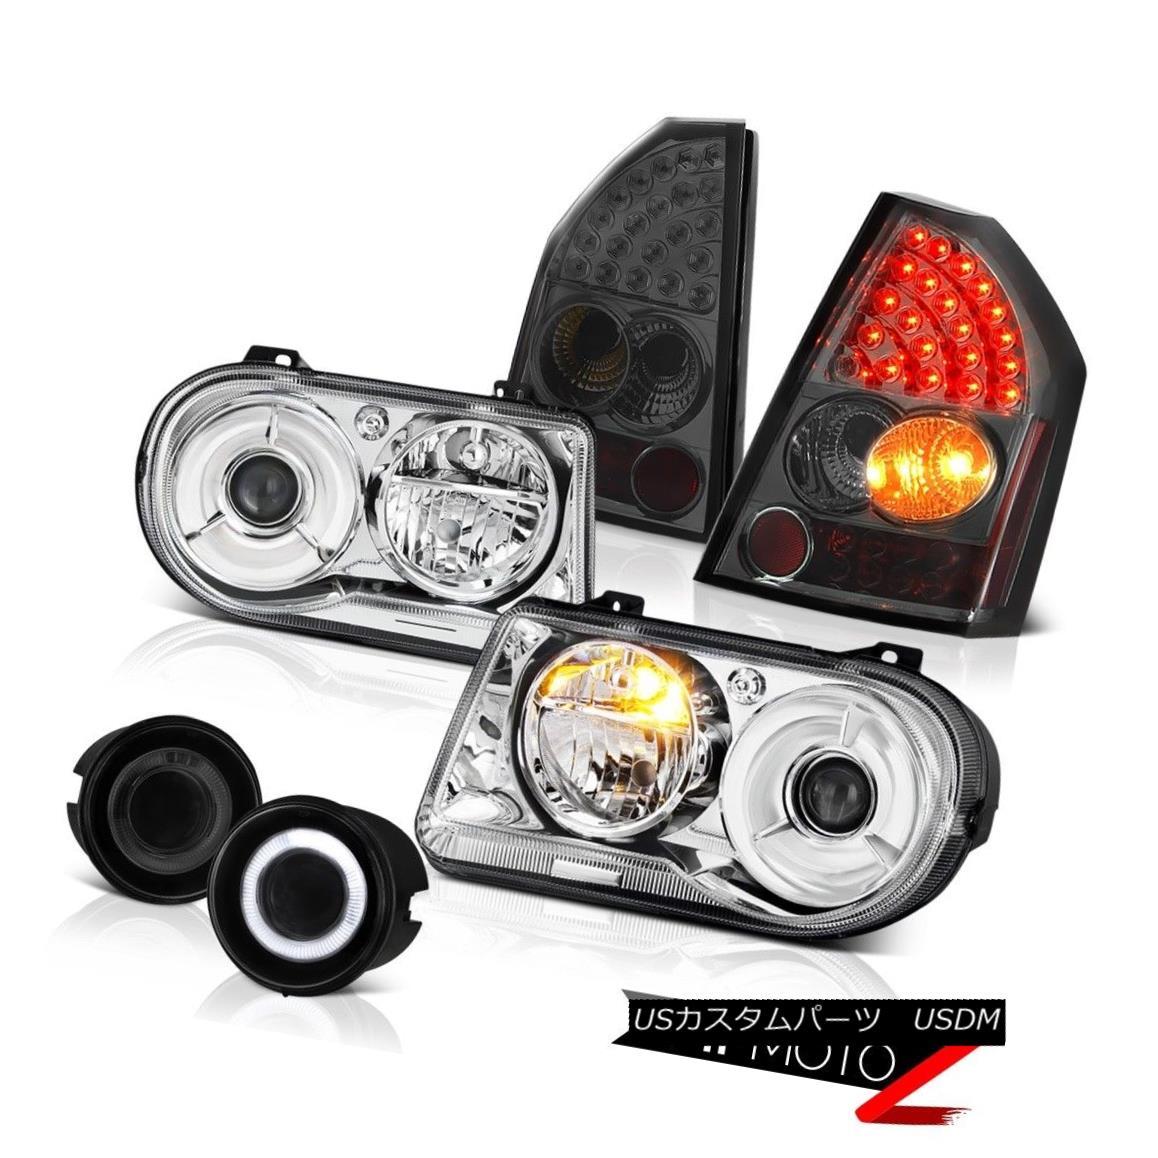 テールライト 2008-2010 Chrysler 300C 6.1L Pair Clear Headlights Dark LED Tail Lights Tint Fog 2008-2010クライスラー300C 6.1LペアクリアヘッドライトダークLEDテールライトティントフォグ